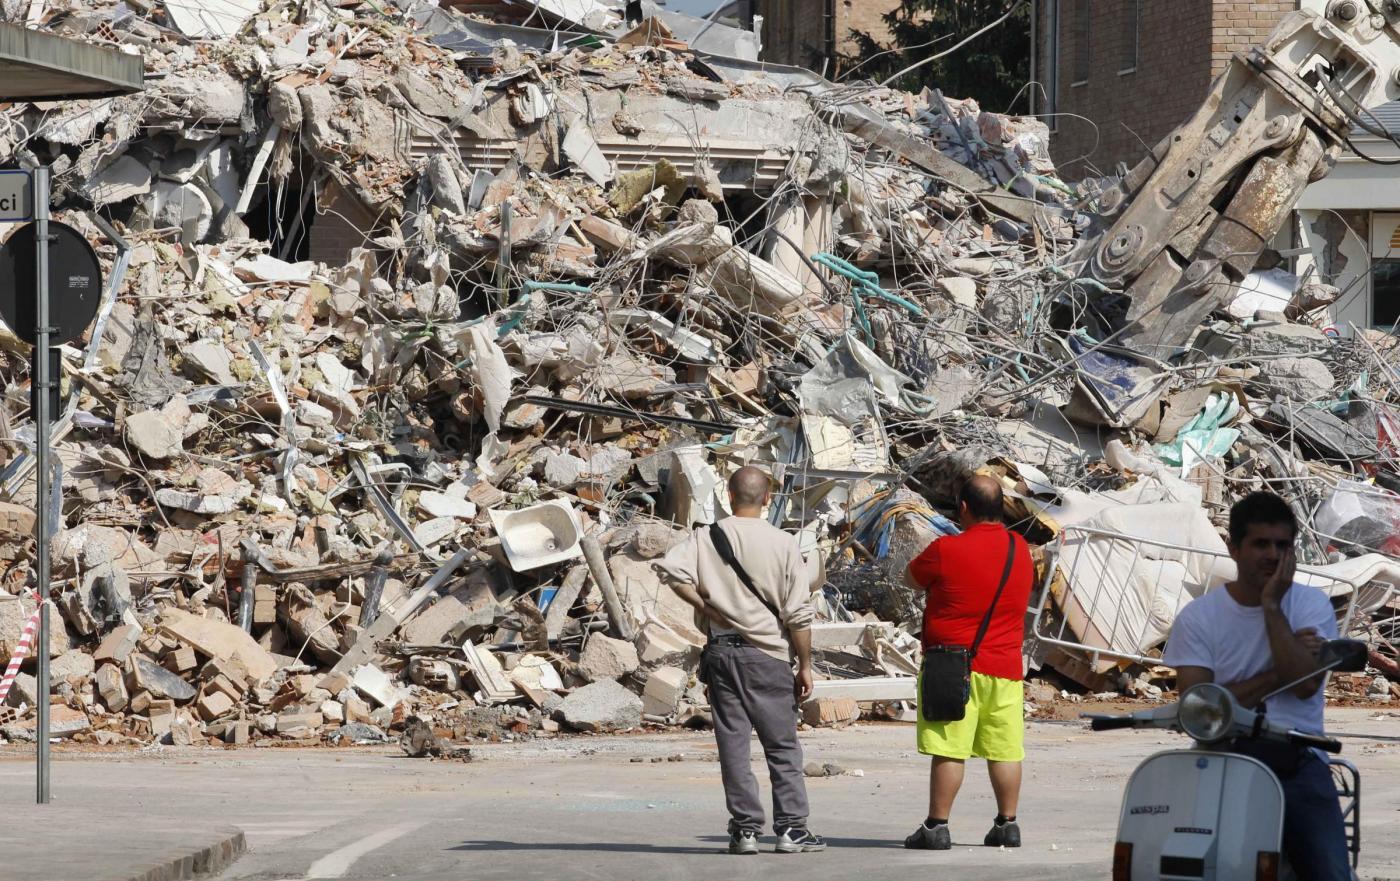 Terremoto infinito, oltre 30 scosse nella notte. Danni per 2 miliardi. Primi fondi dalla benzina